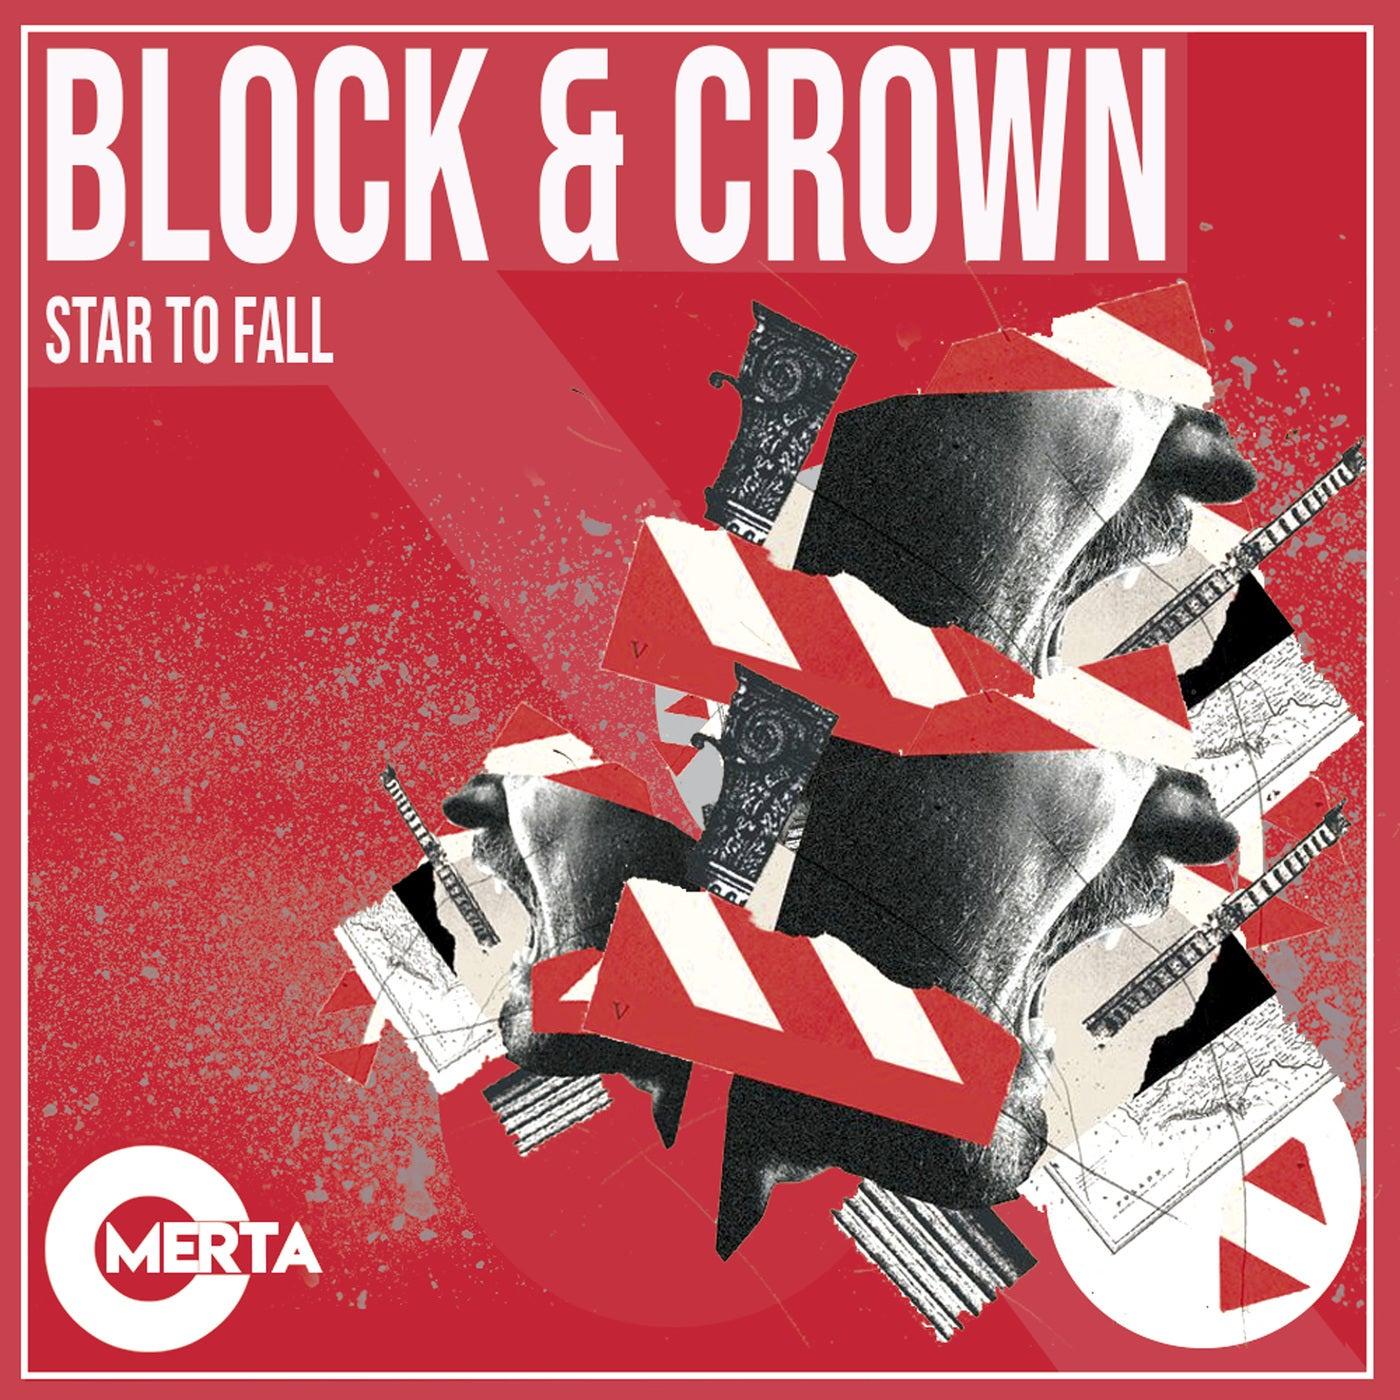 Star To Fall (Original Mix)